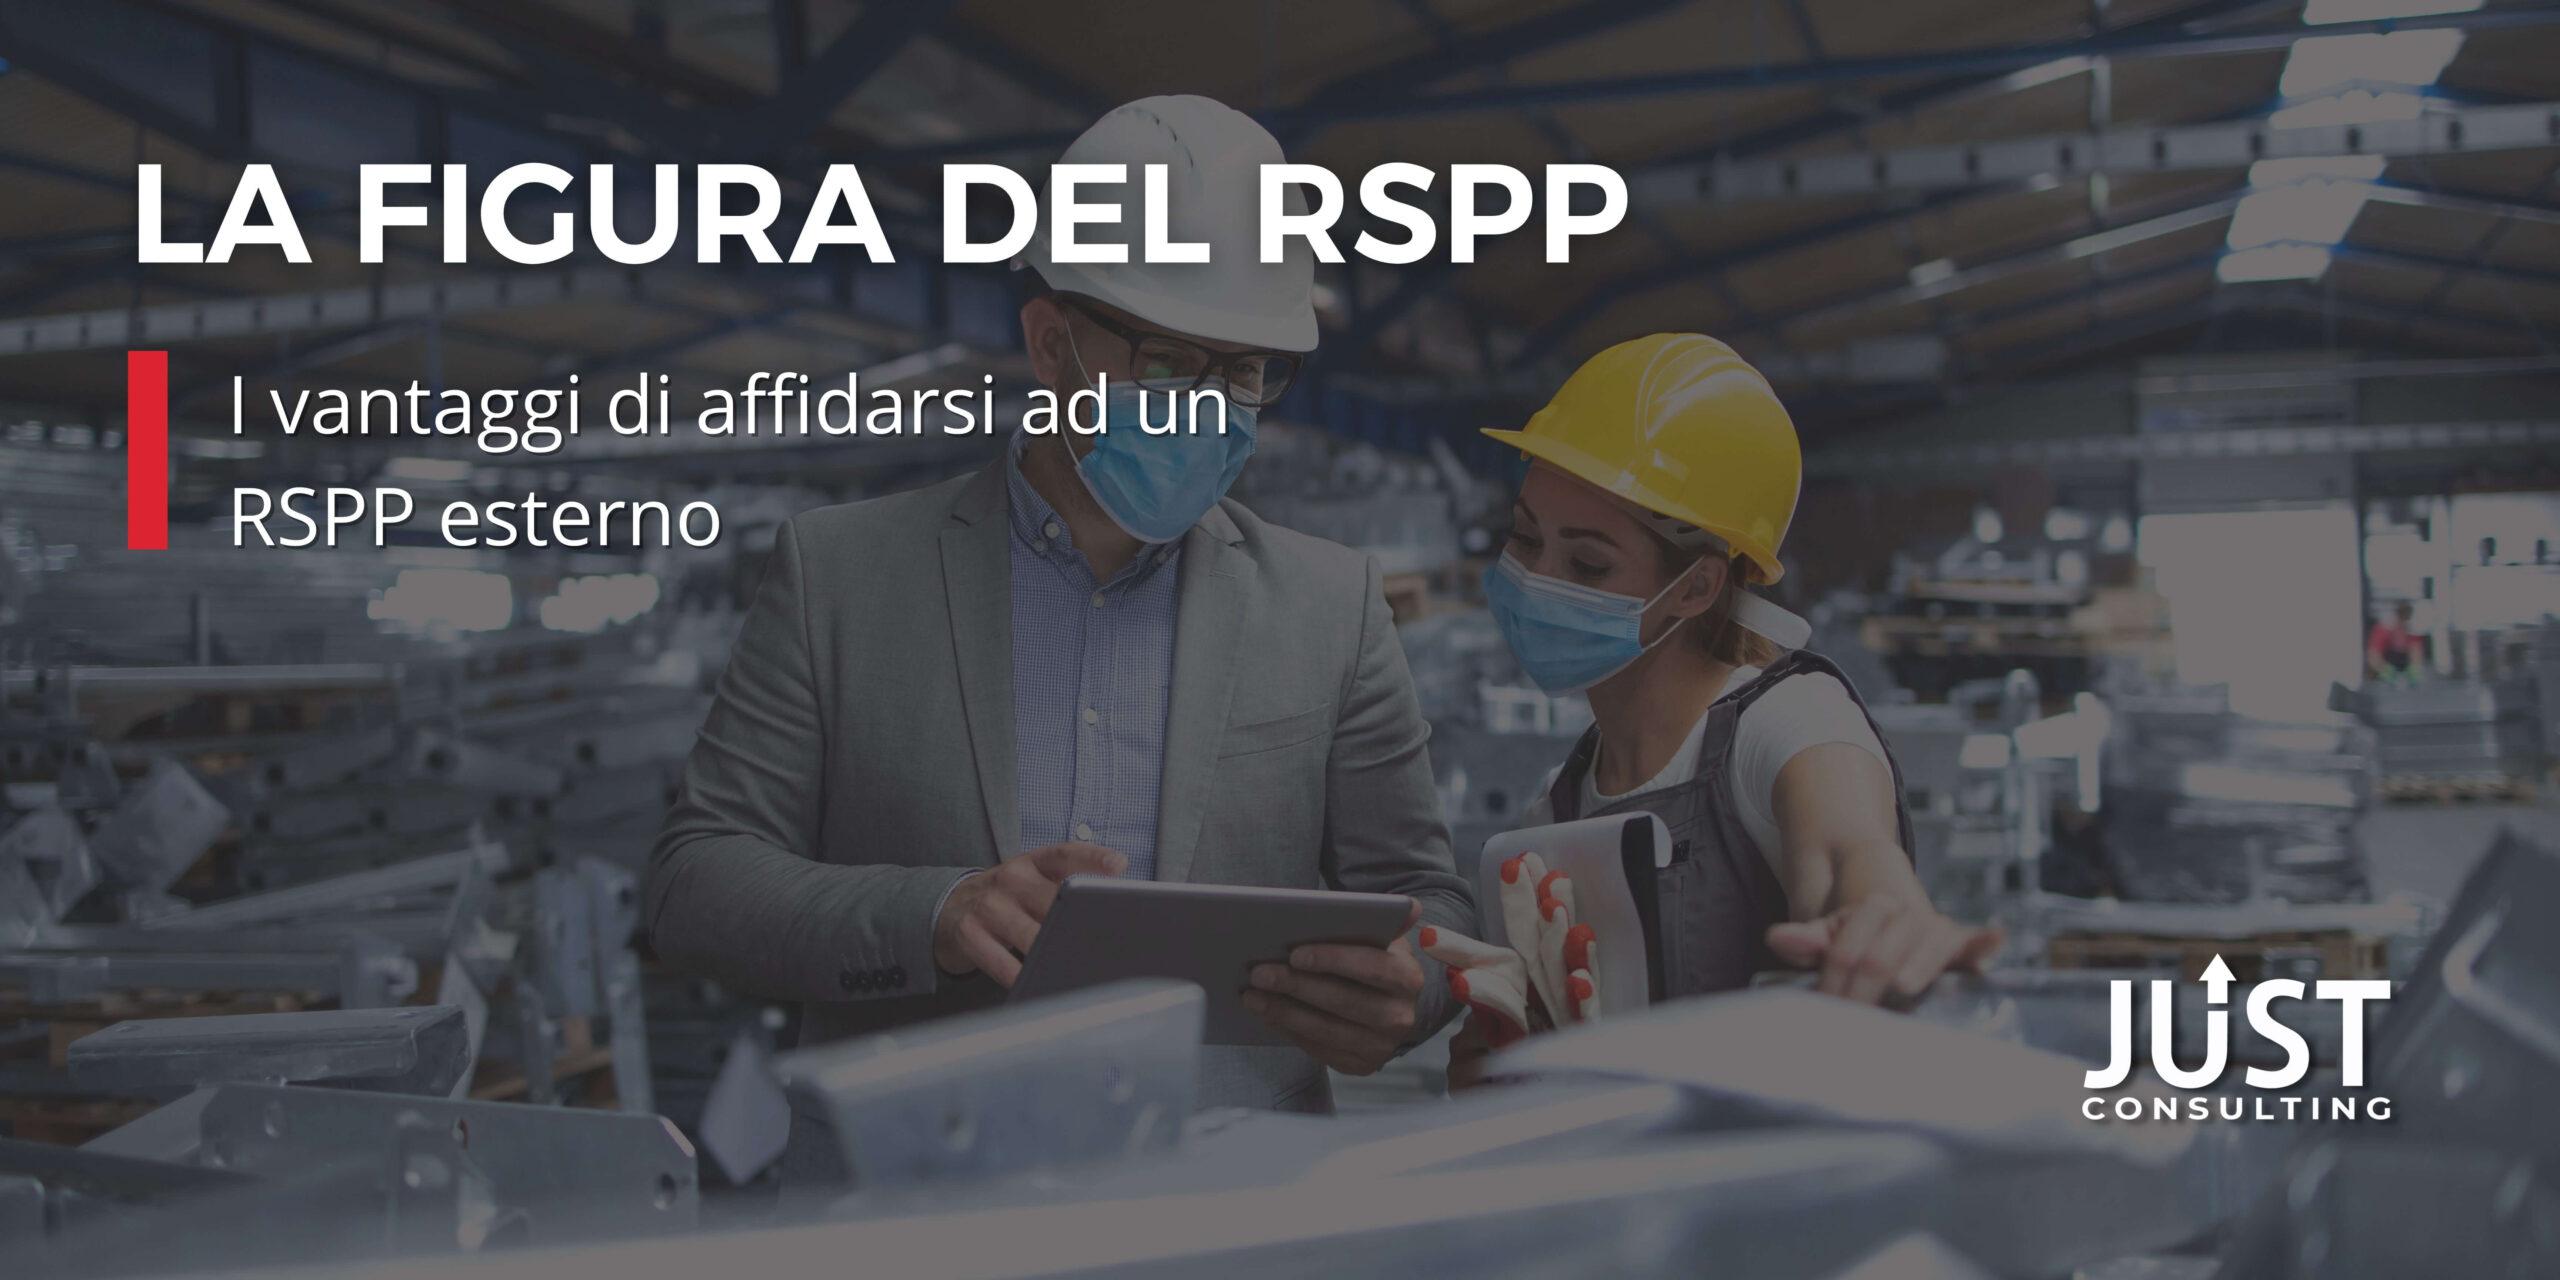 RSPP esterno, sicurezza sul lavoro, responsabile servizio prevenzione e protezione, RSPP Emilia-Romagna